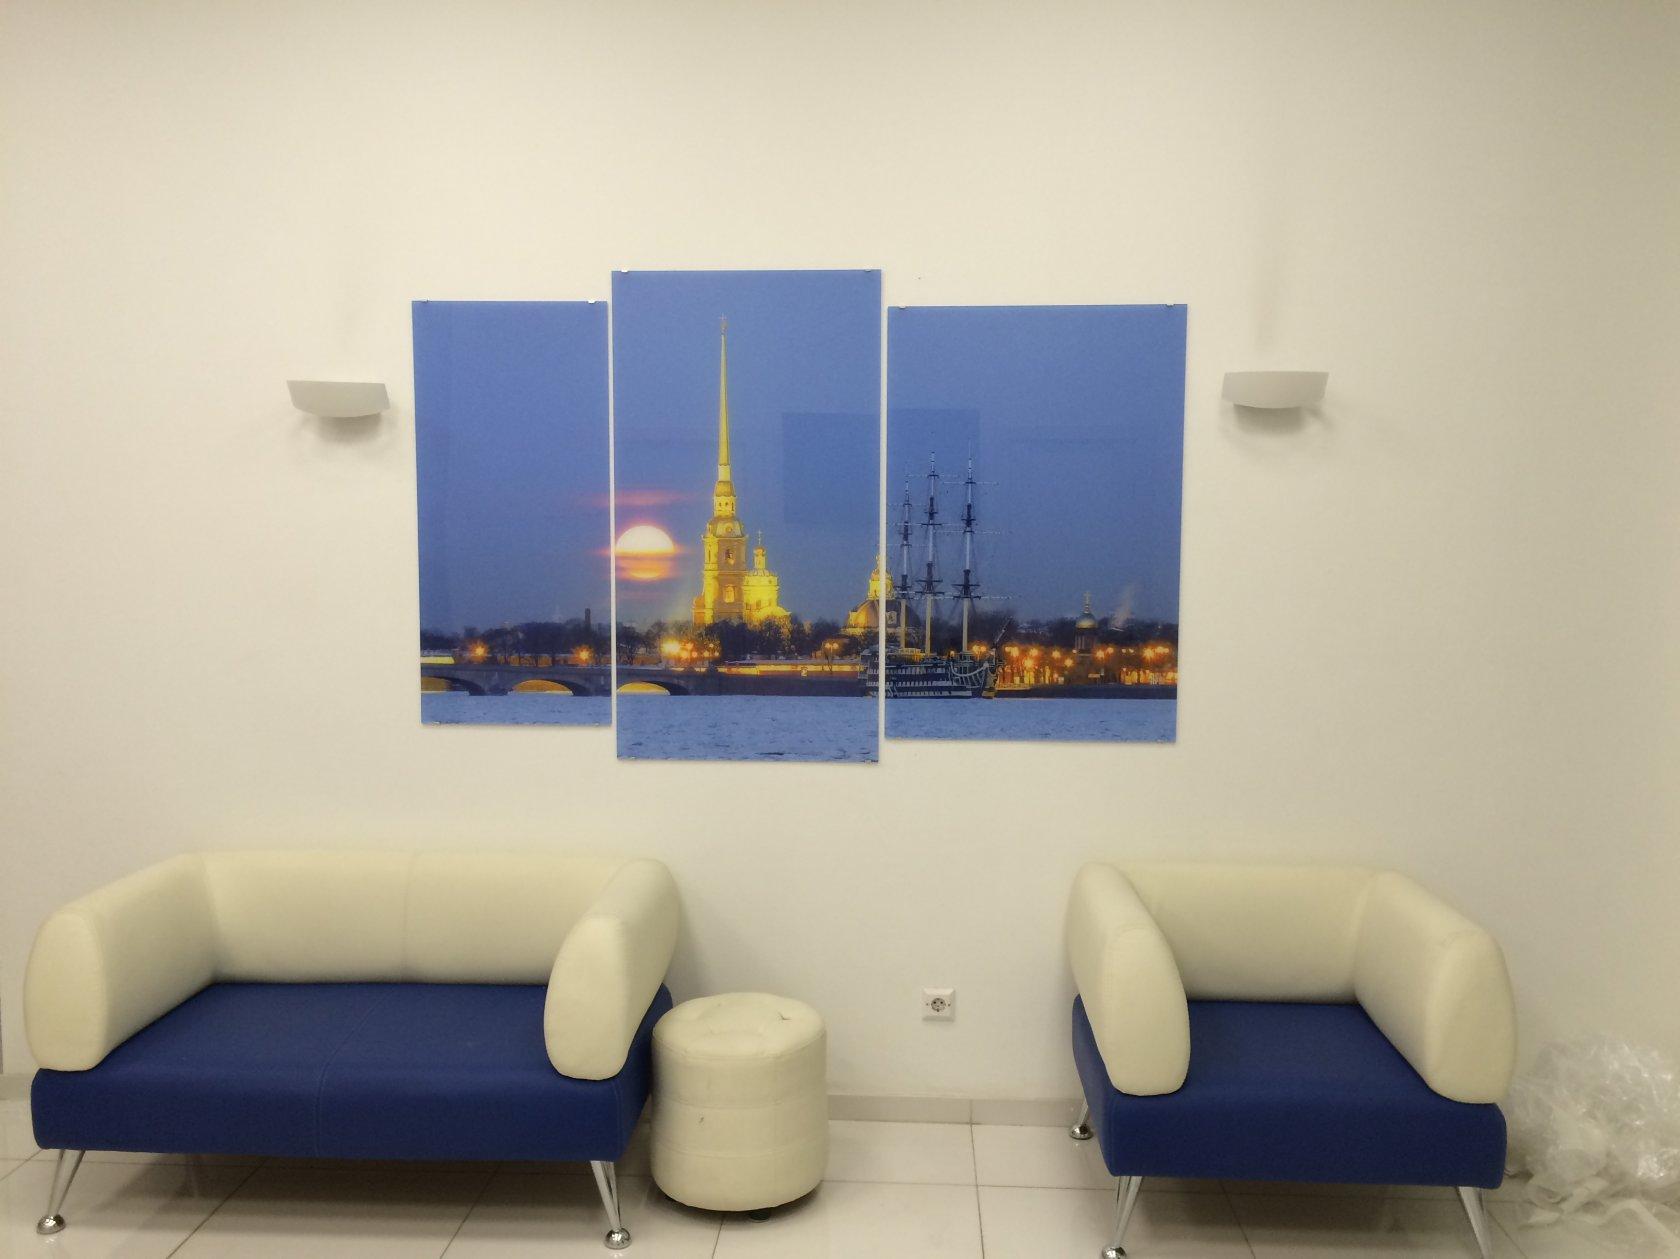 Постеры и картины для интерьера на стену в офис говорят